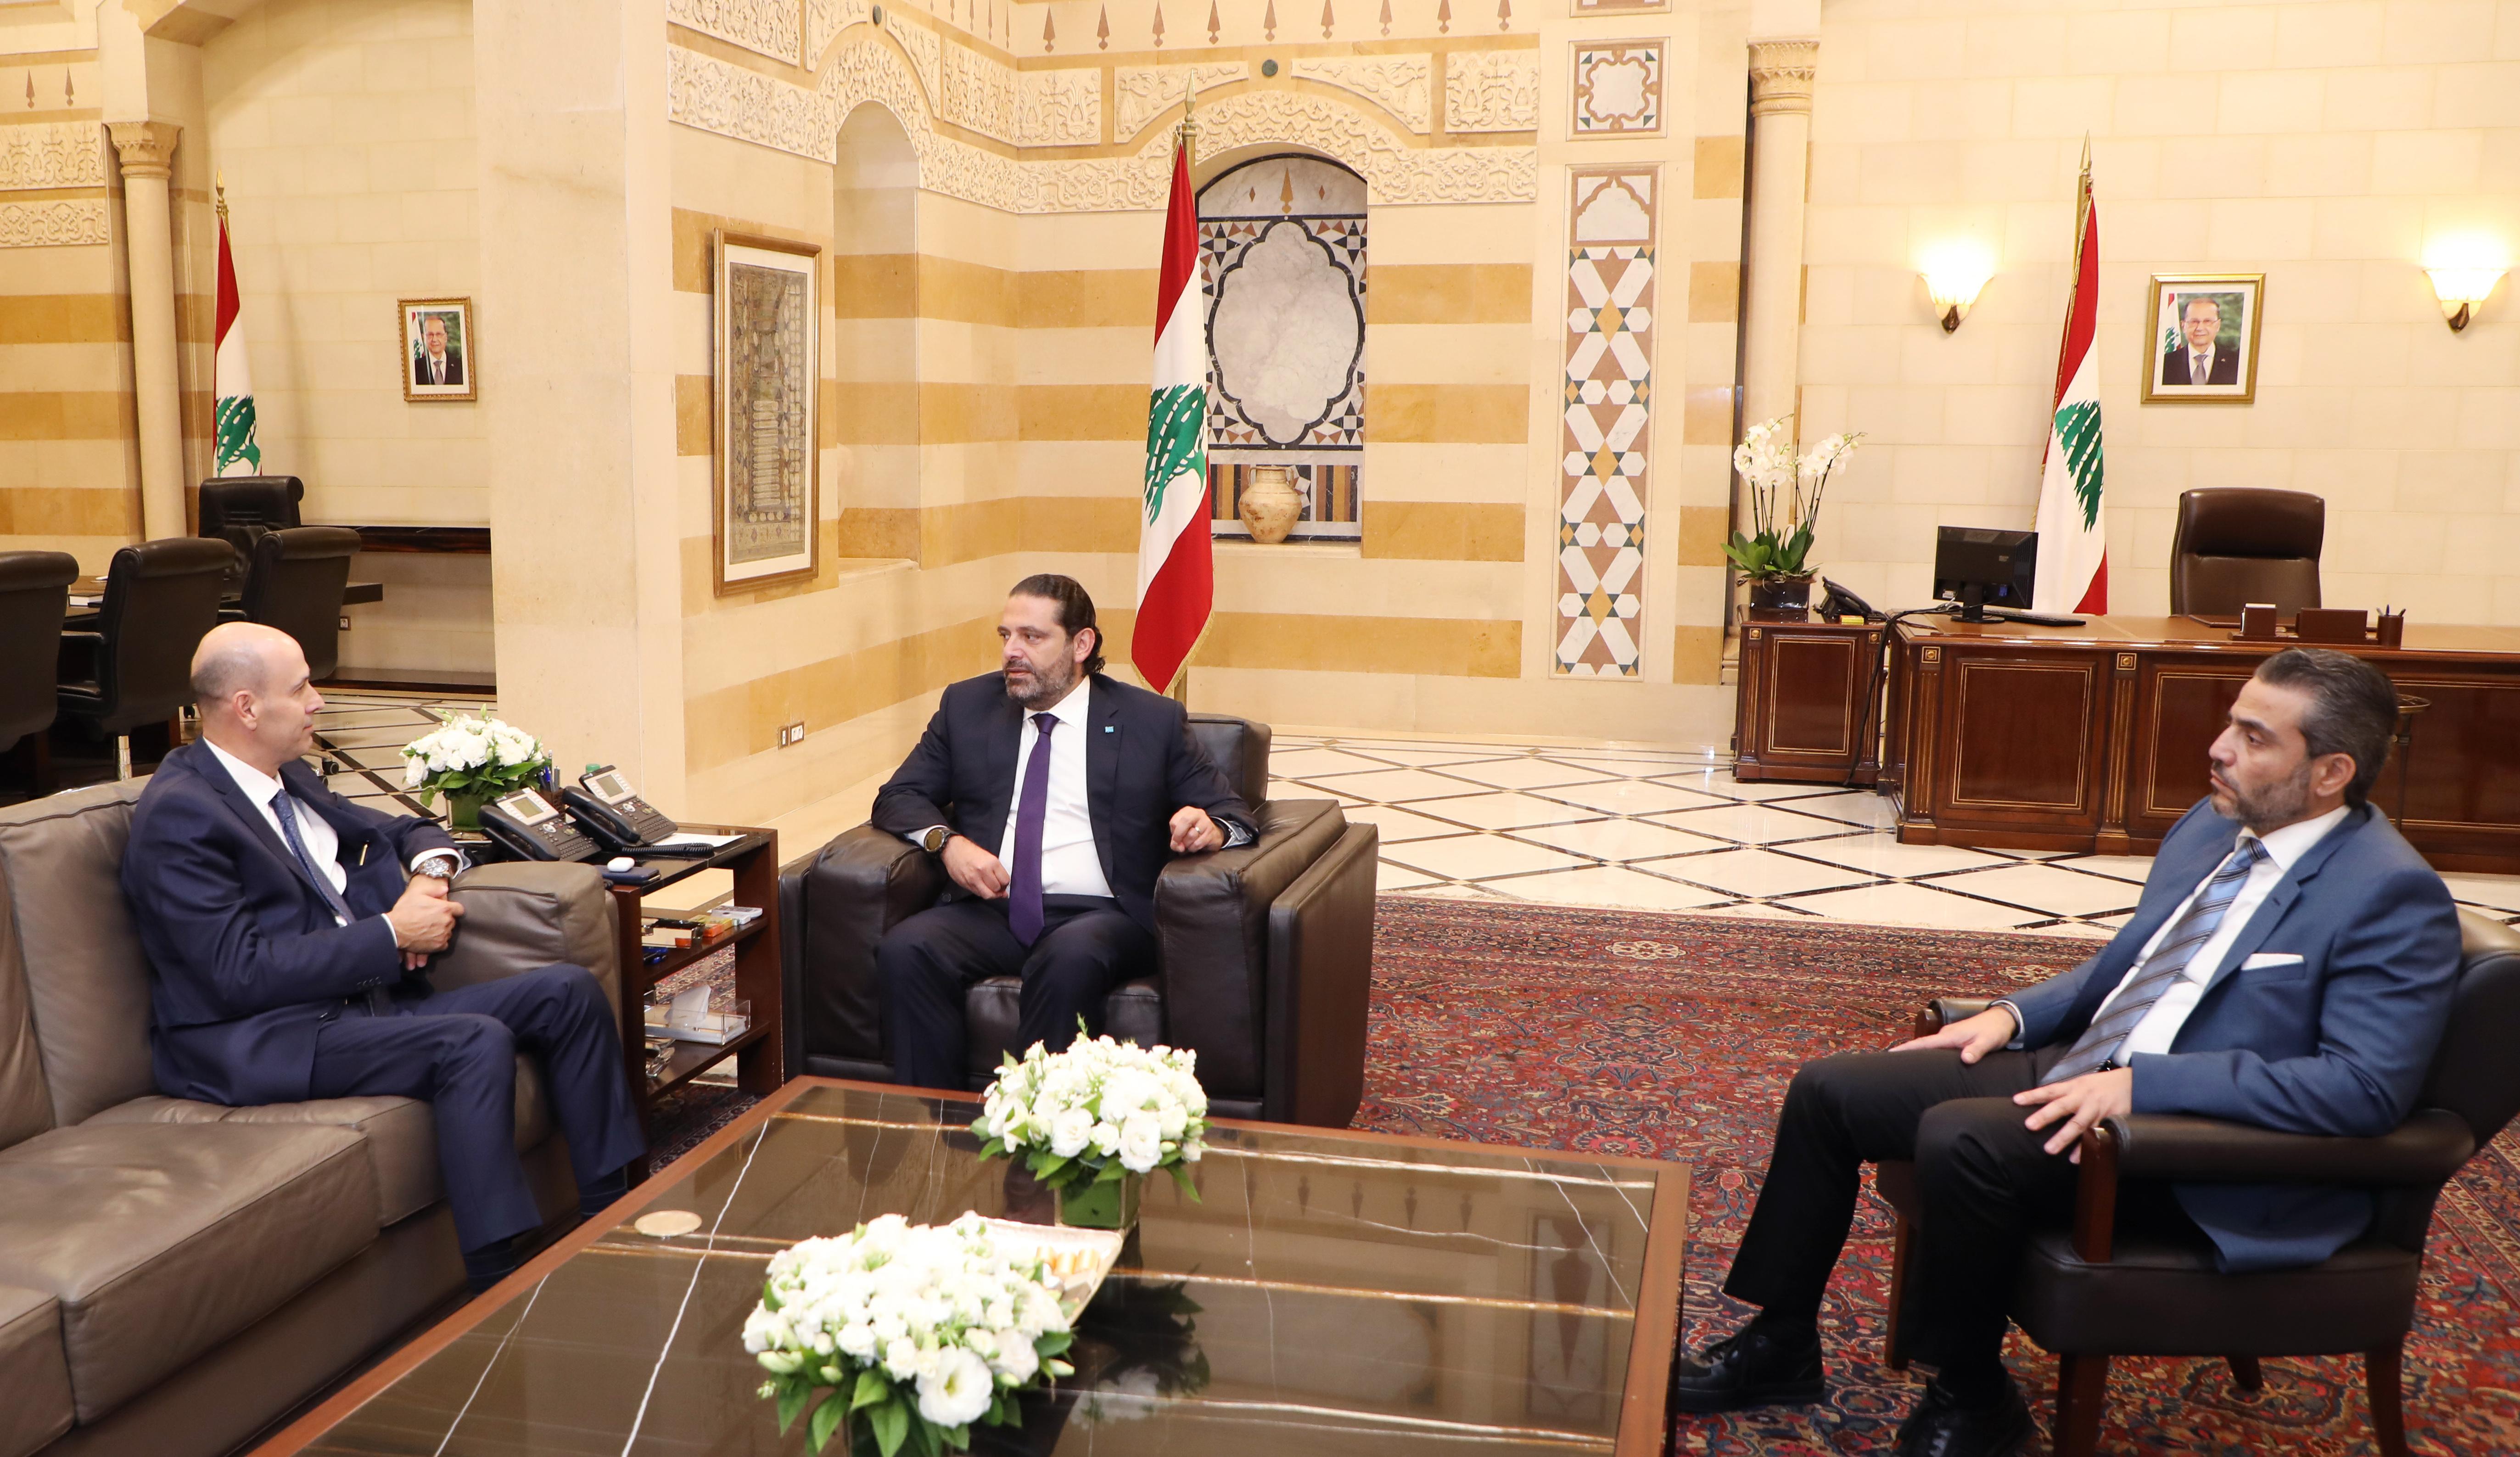 Pr Minister Saad Hariri meets